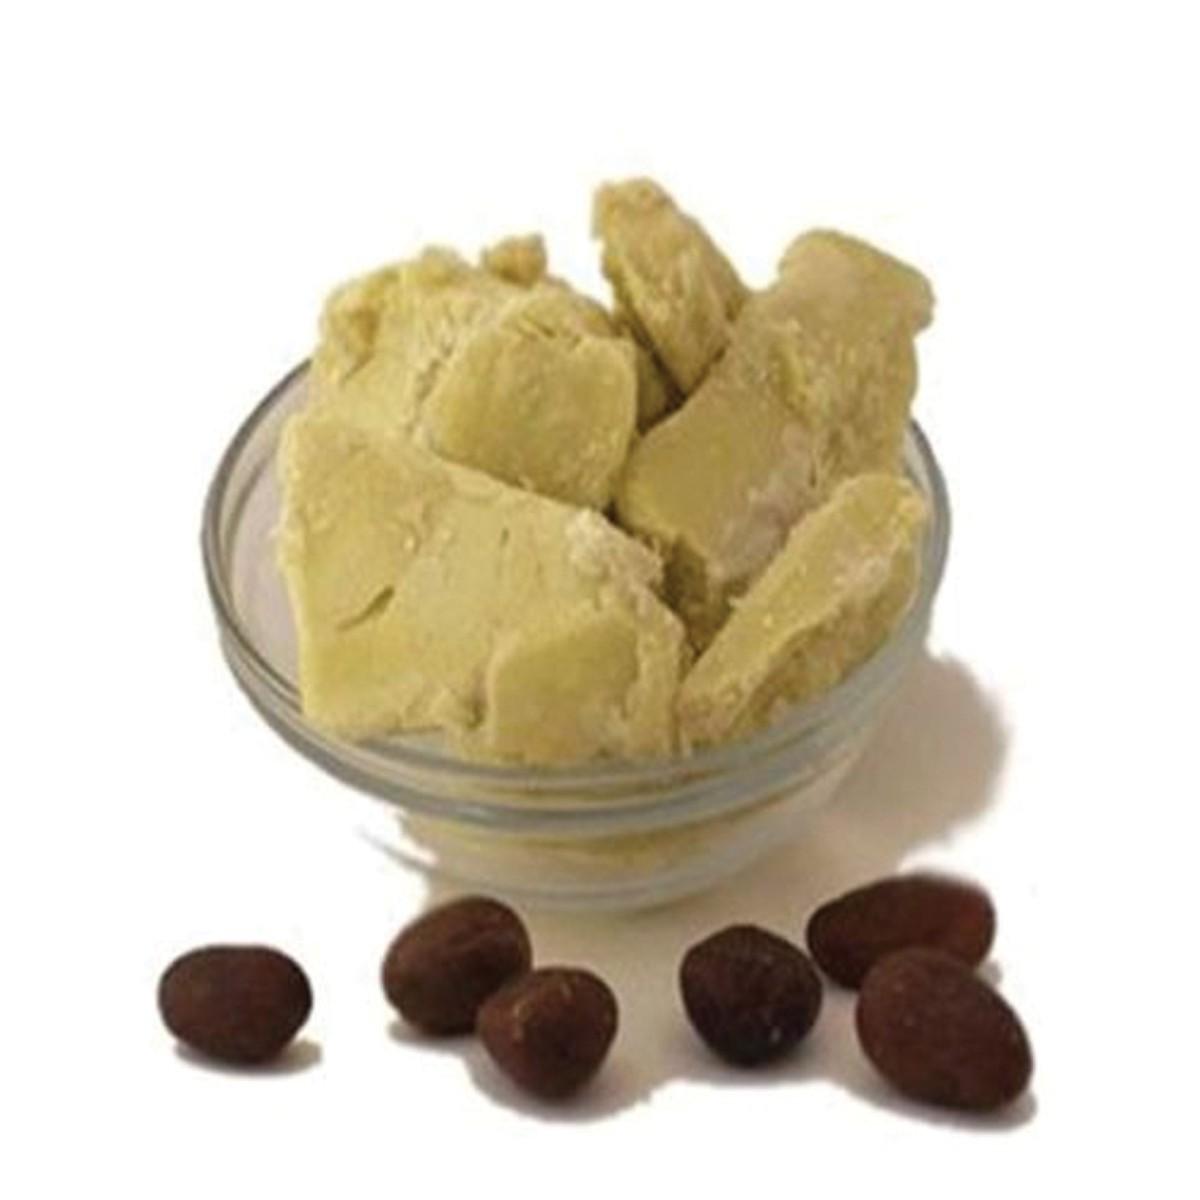 Organic Raw Shea Butter Edible